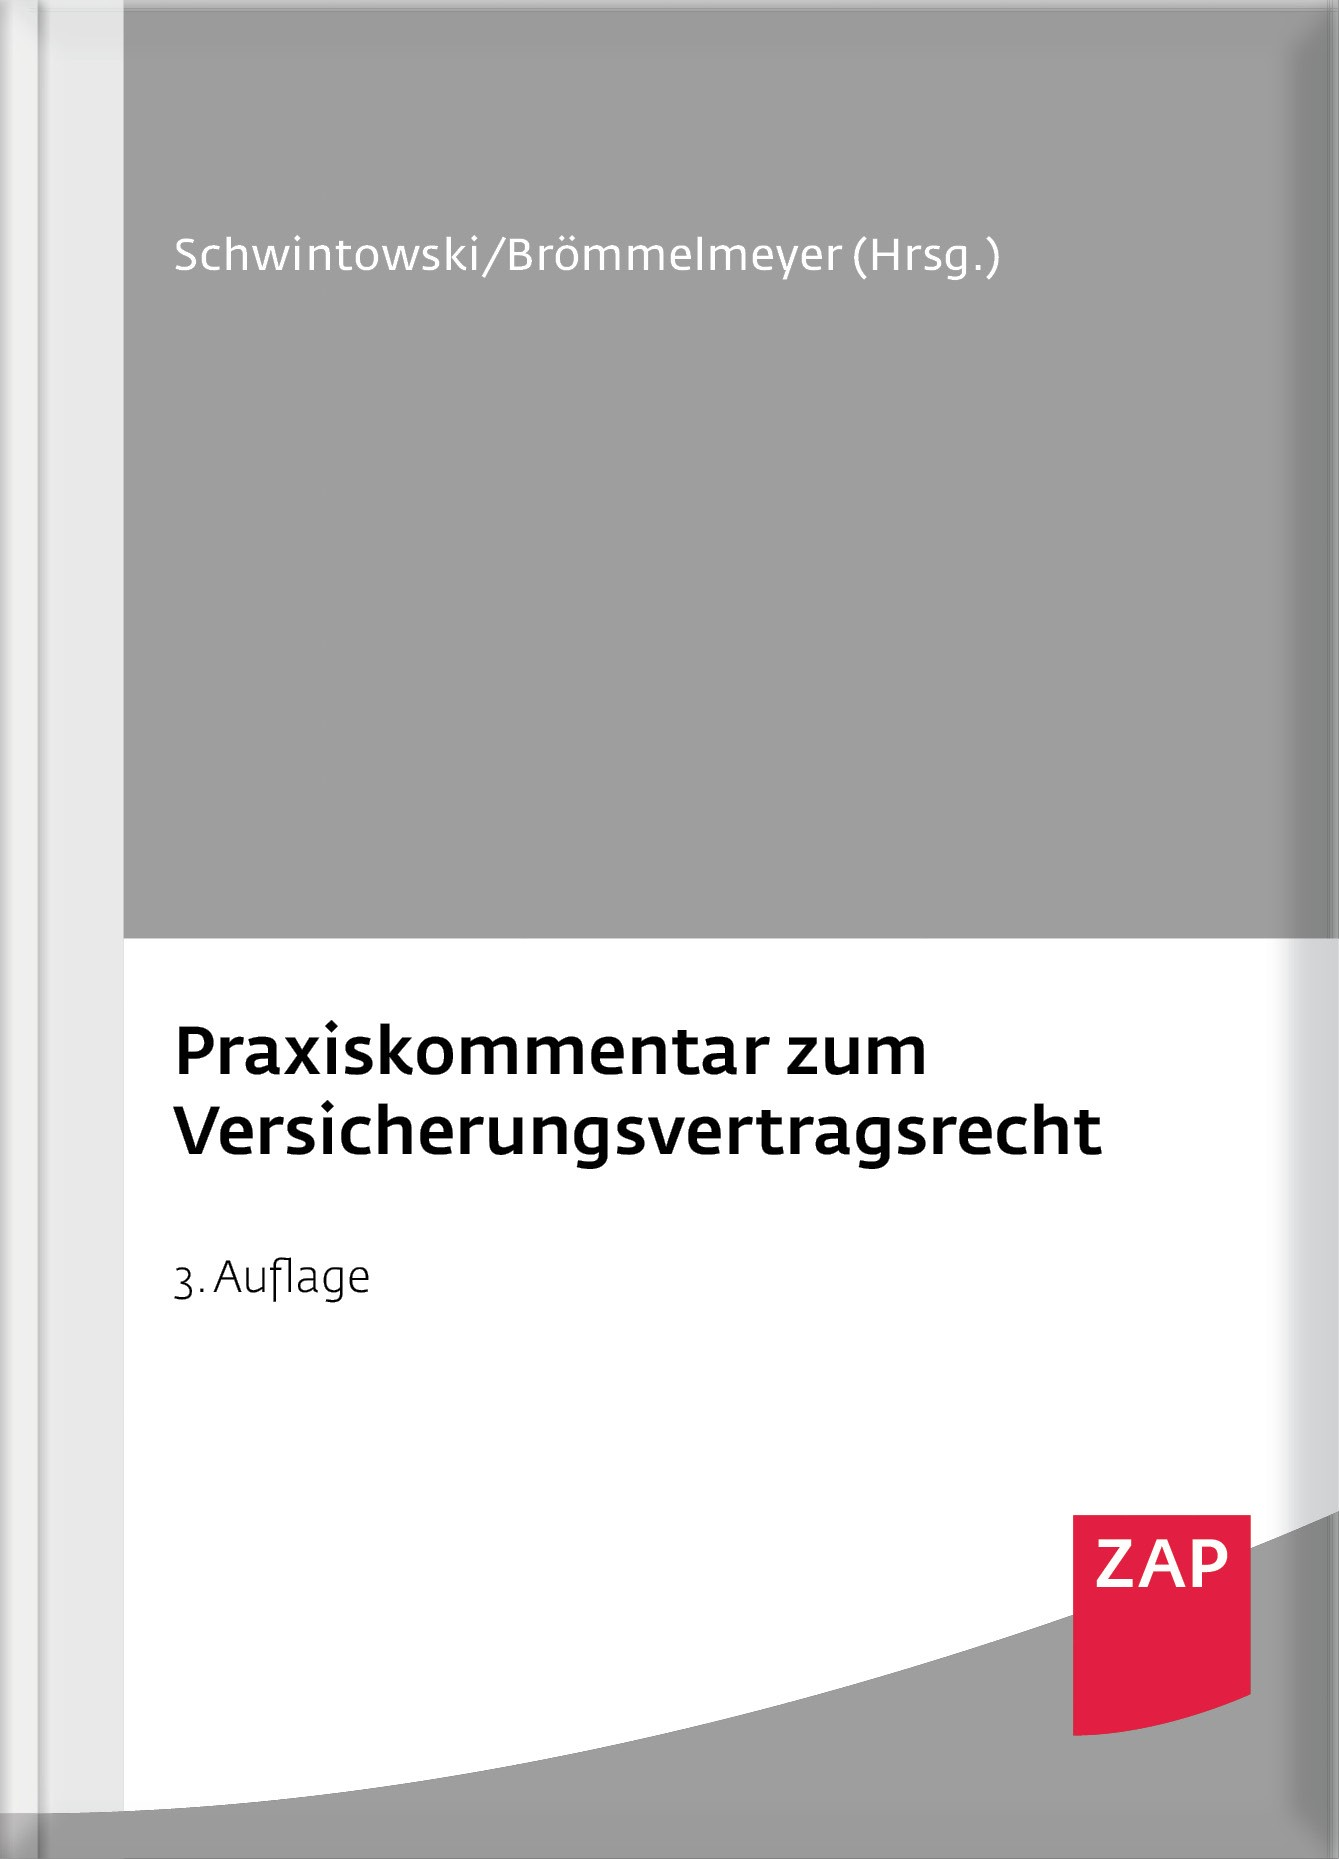 Praxiskommentar zum Versicherungsvertragsrecht | Schwintowski / Brömmelmeyer (Hrsg.) | 3. Auflage, 2016 | Buch (Cover)